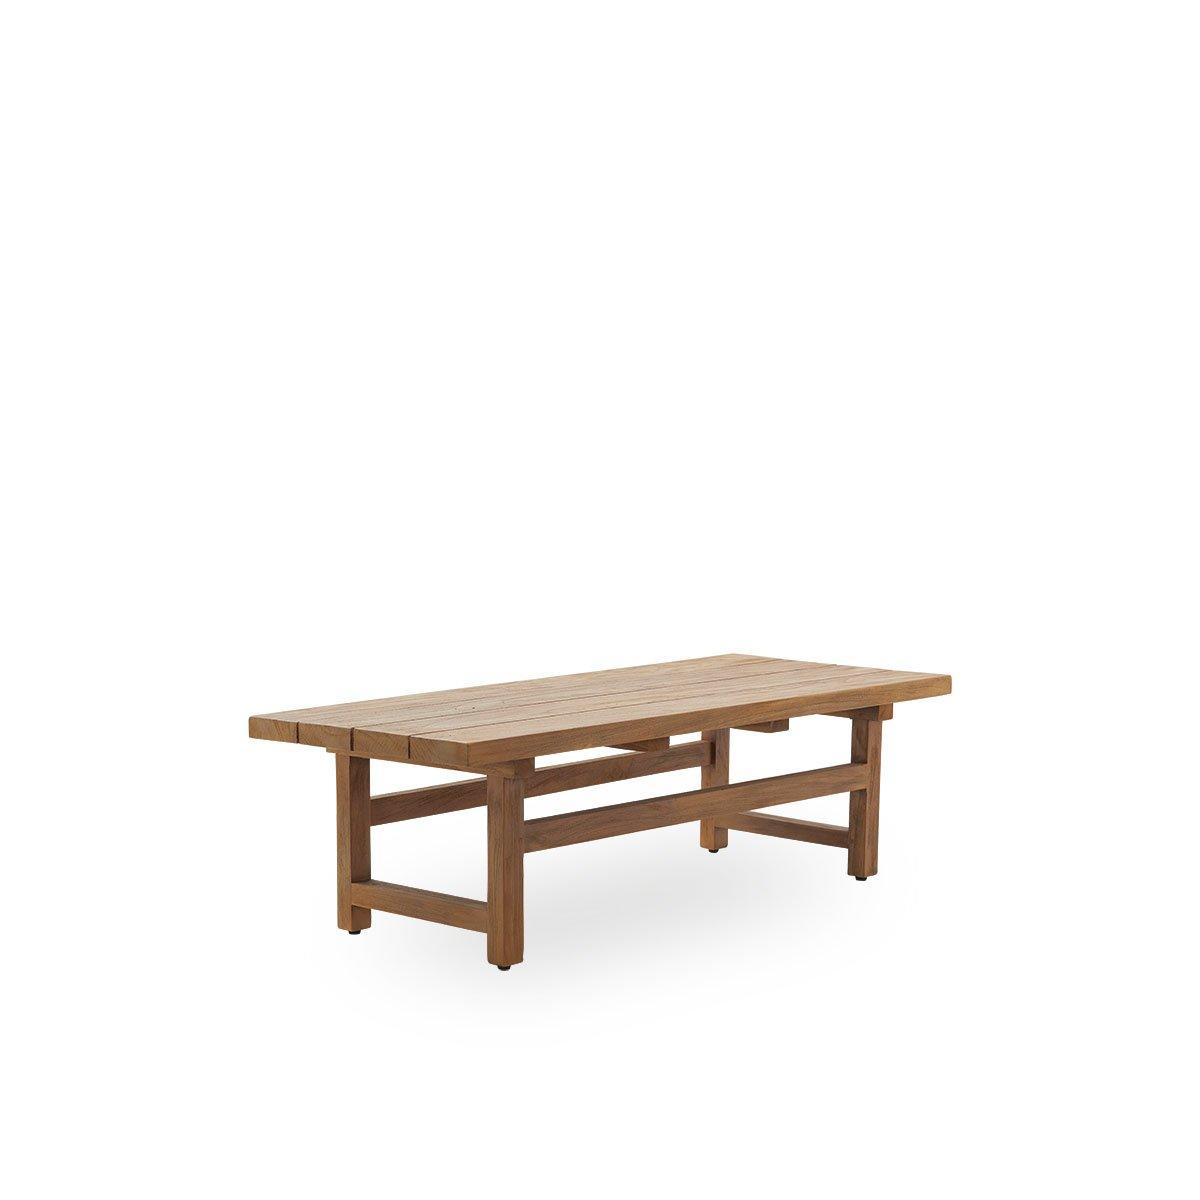 Sika Design Garten-Beistelltisch Julian 140x40 cm Teak